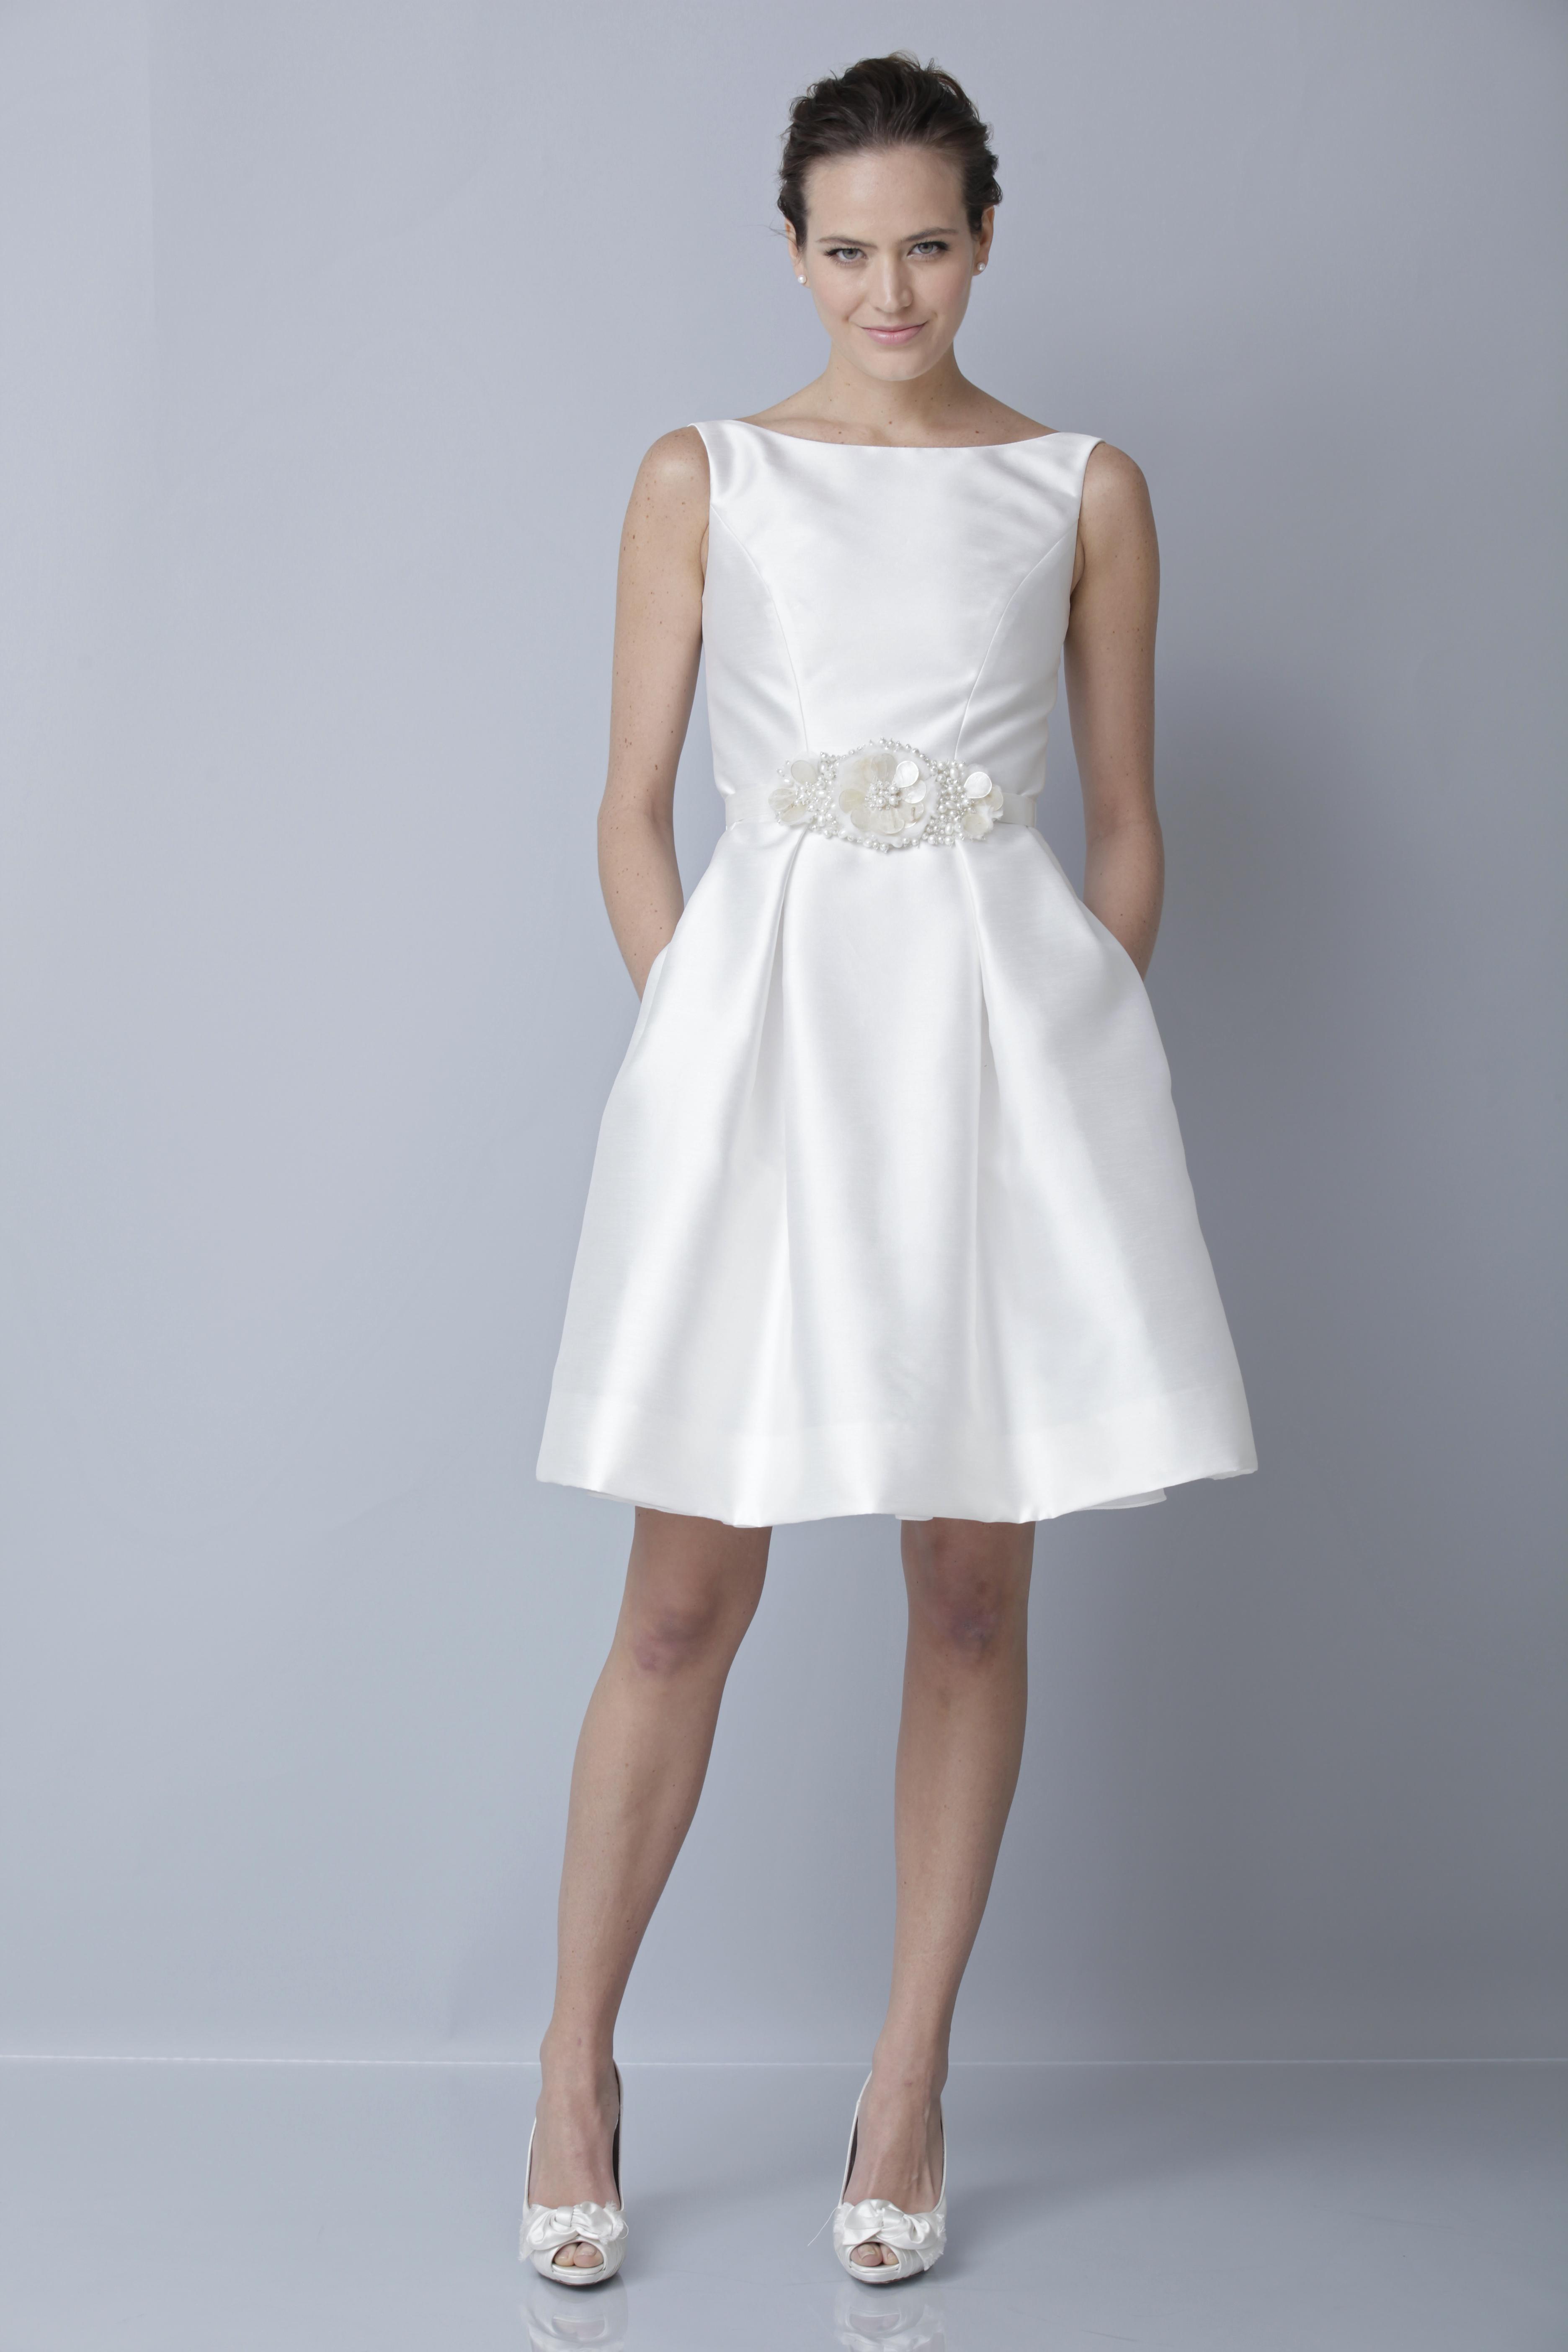 White Spring Dresses